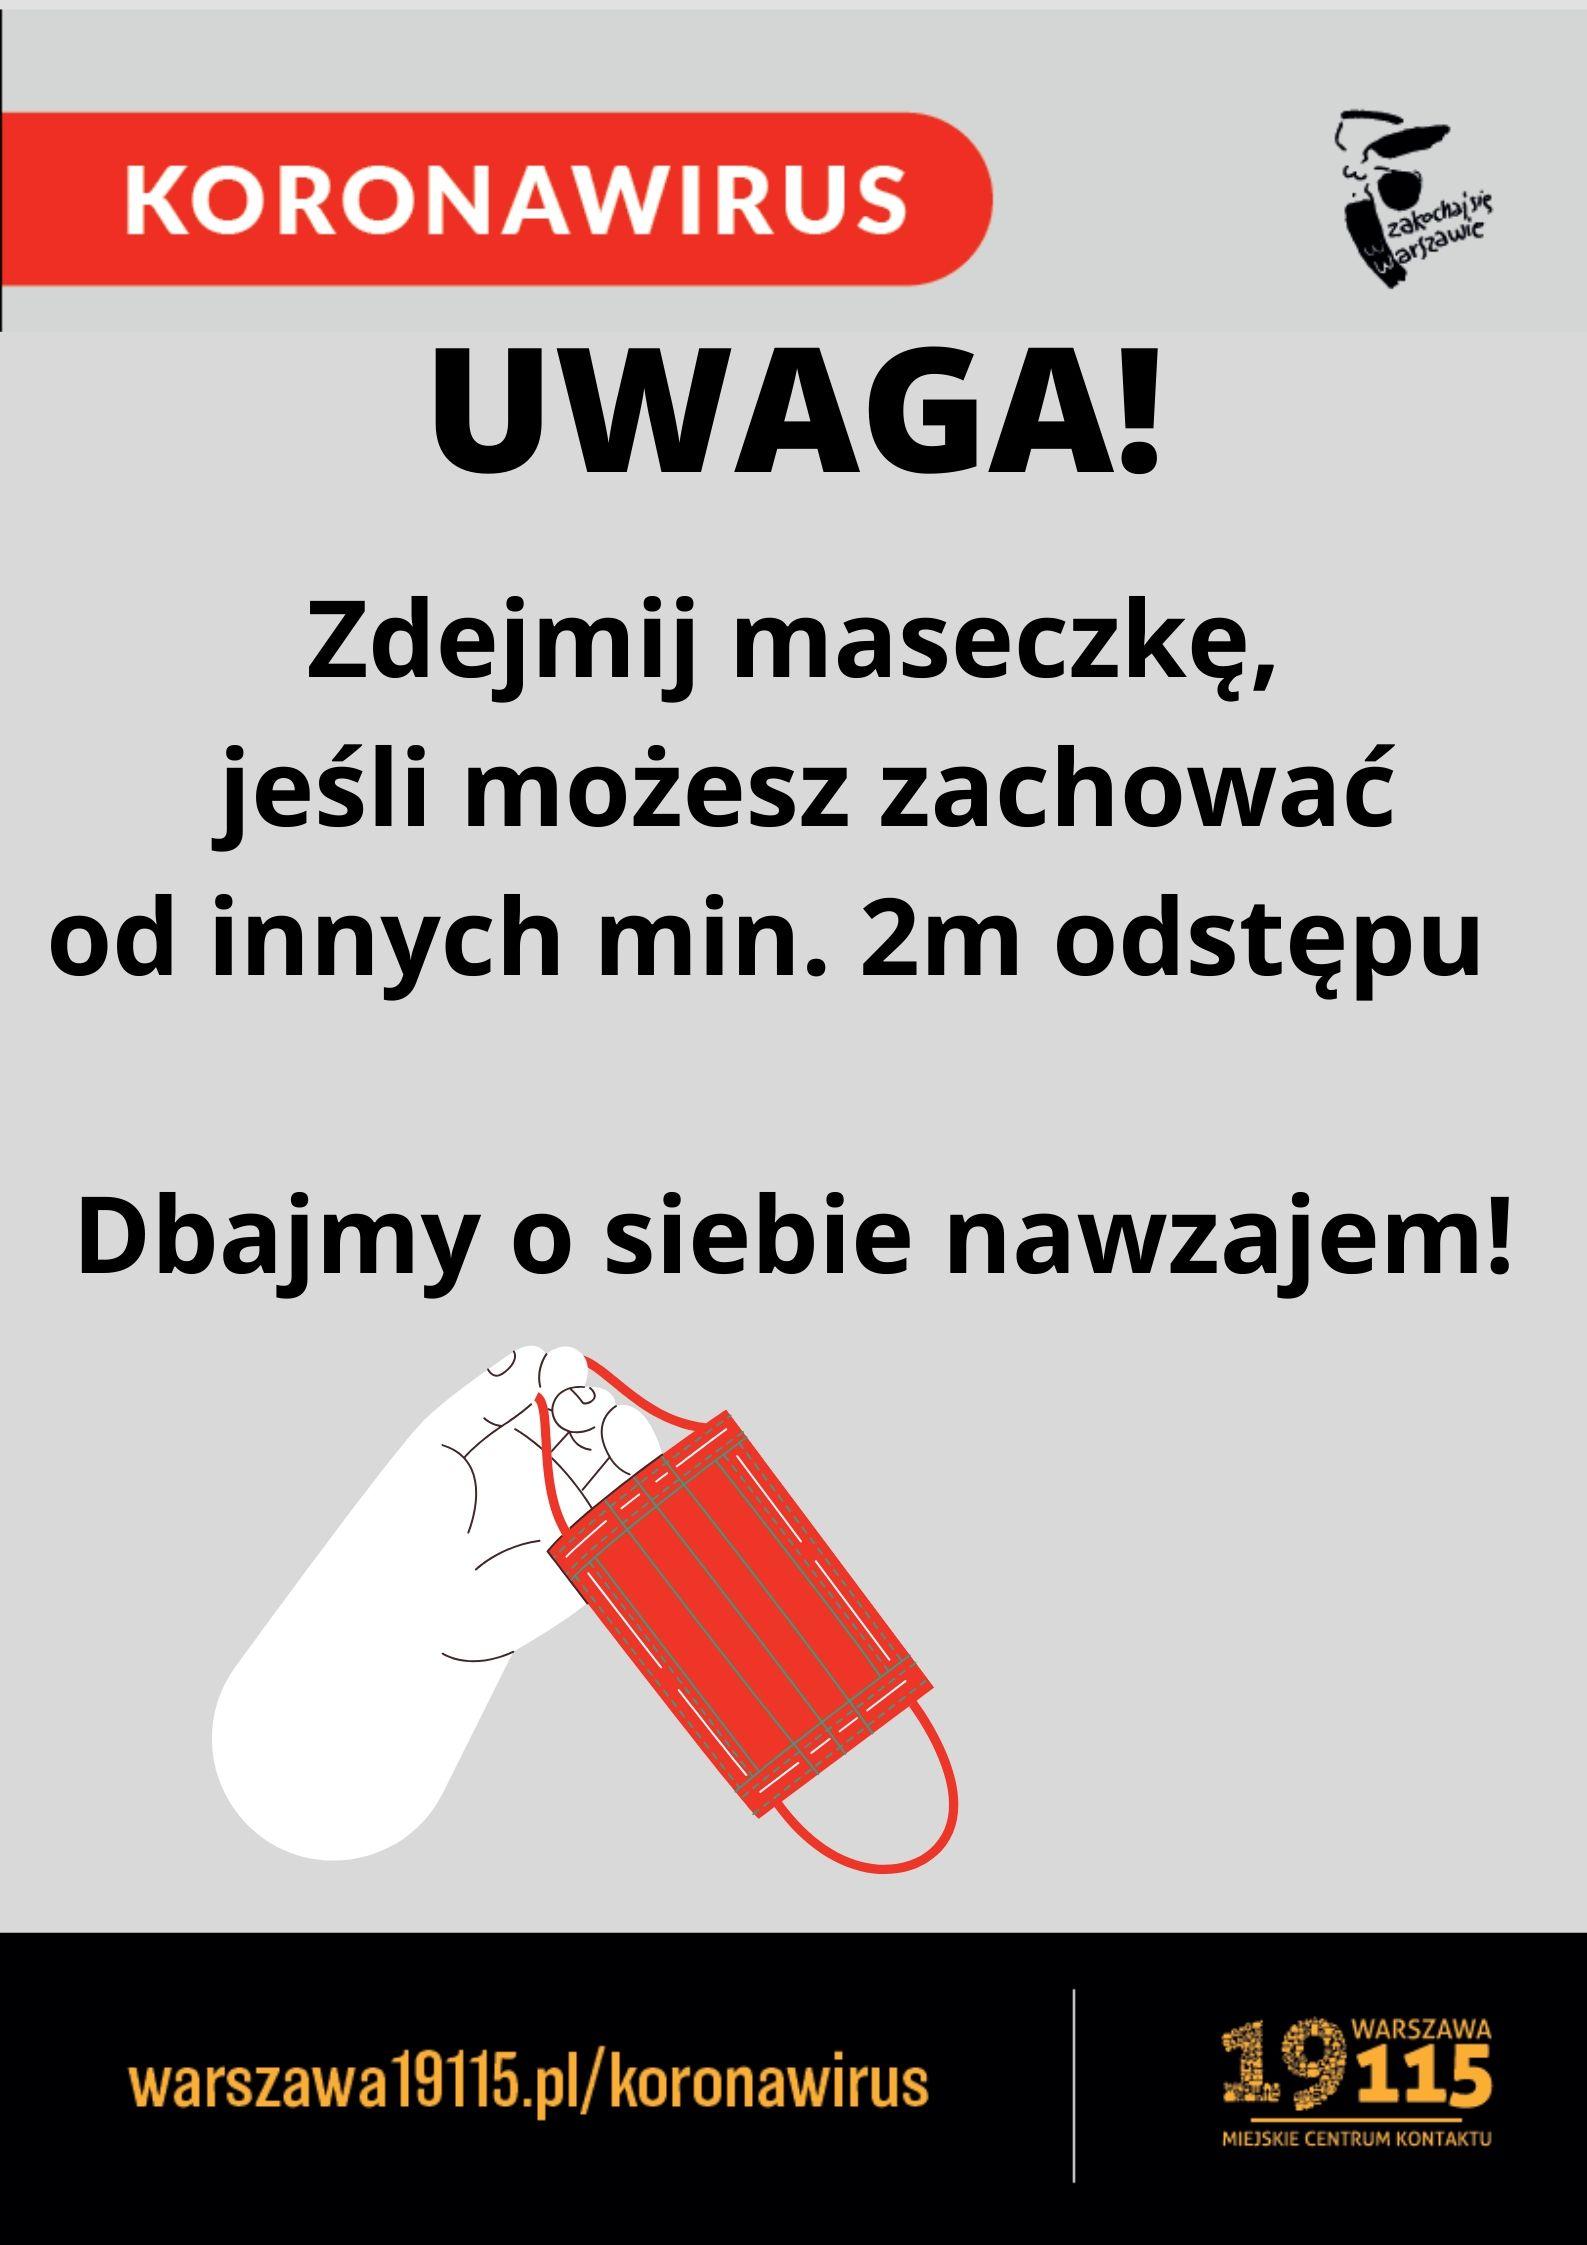 plakat informujący o konieczności zachowania minimum 2 metrów dystansu